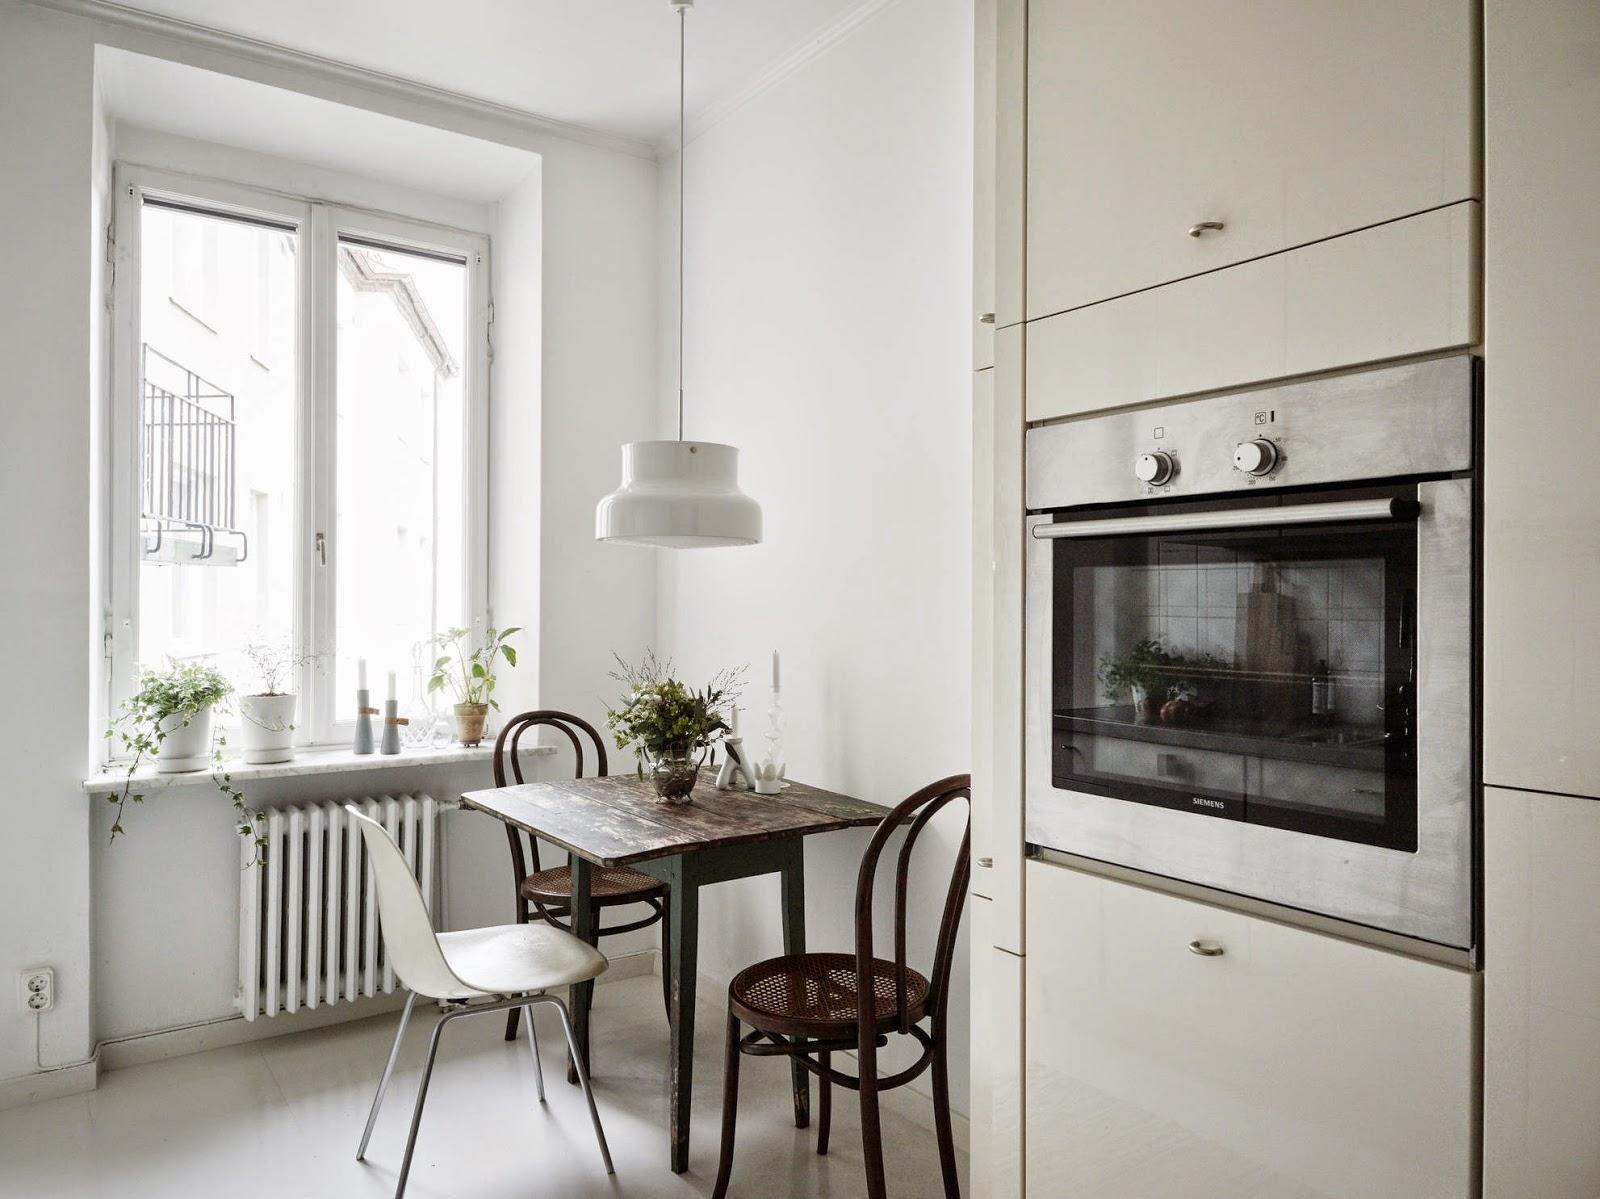 Однокомнатная квартира с кухней в скандинавском стиле